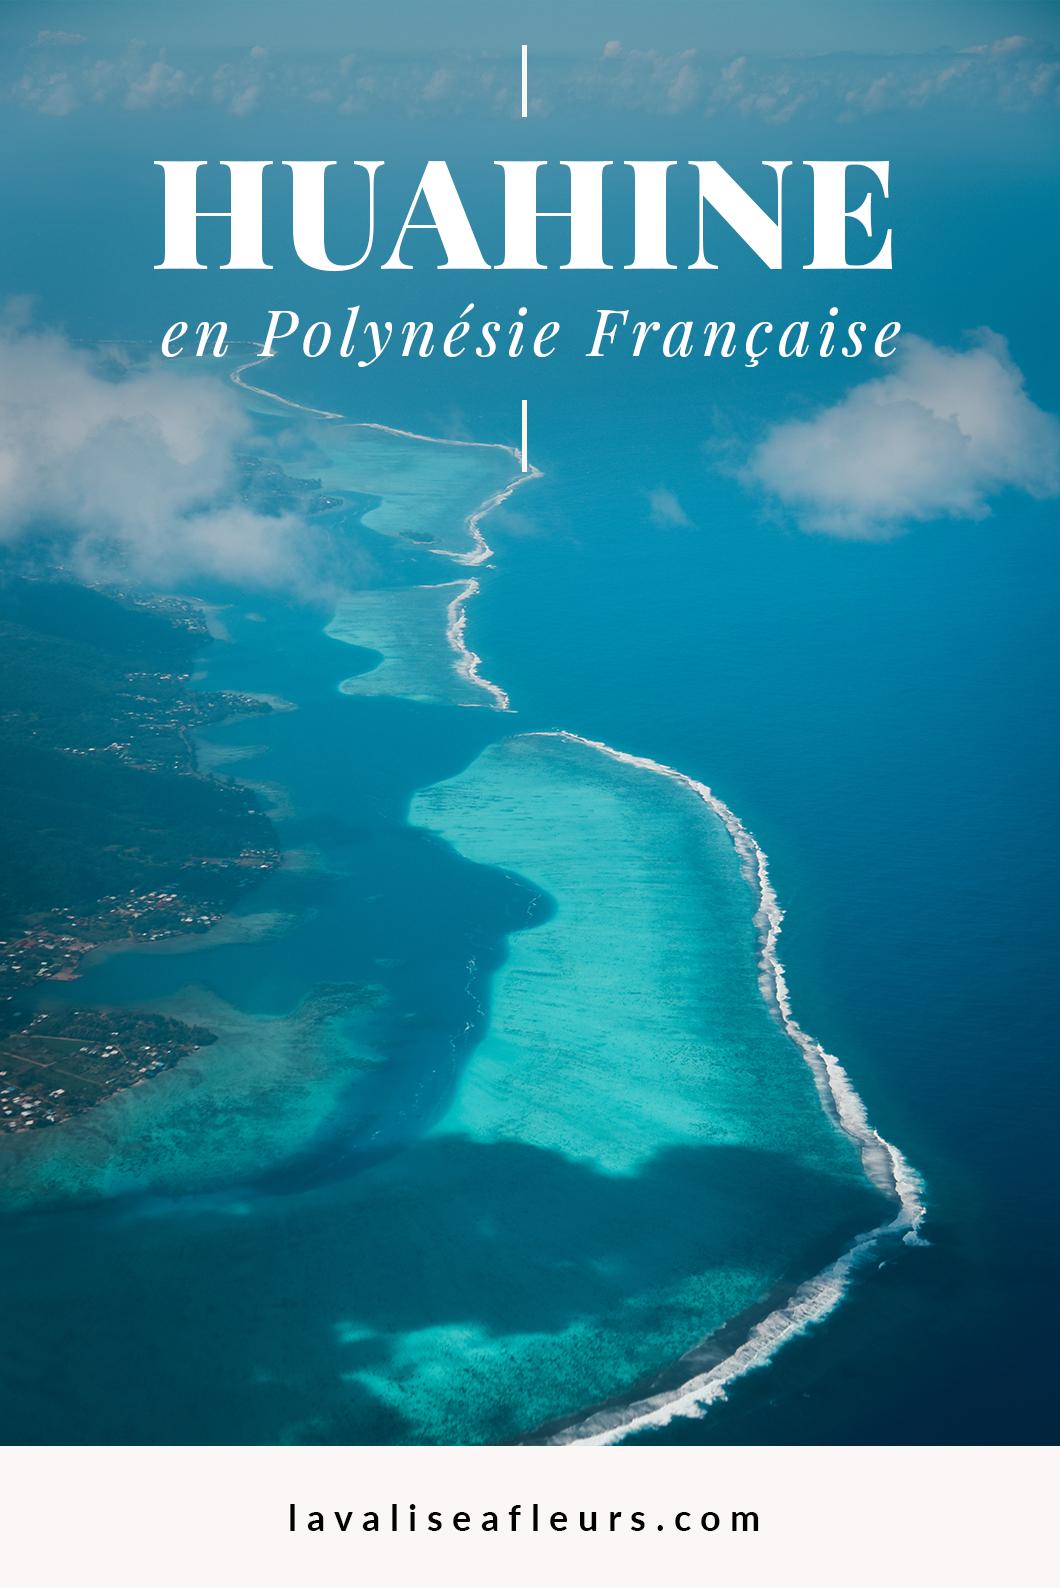 Guide de Huahine en Polynésie Française